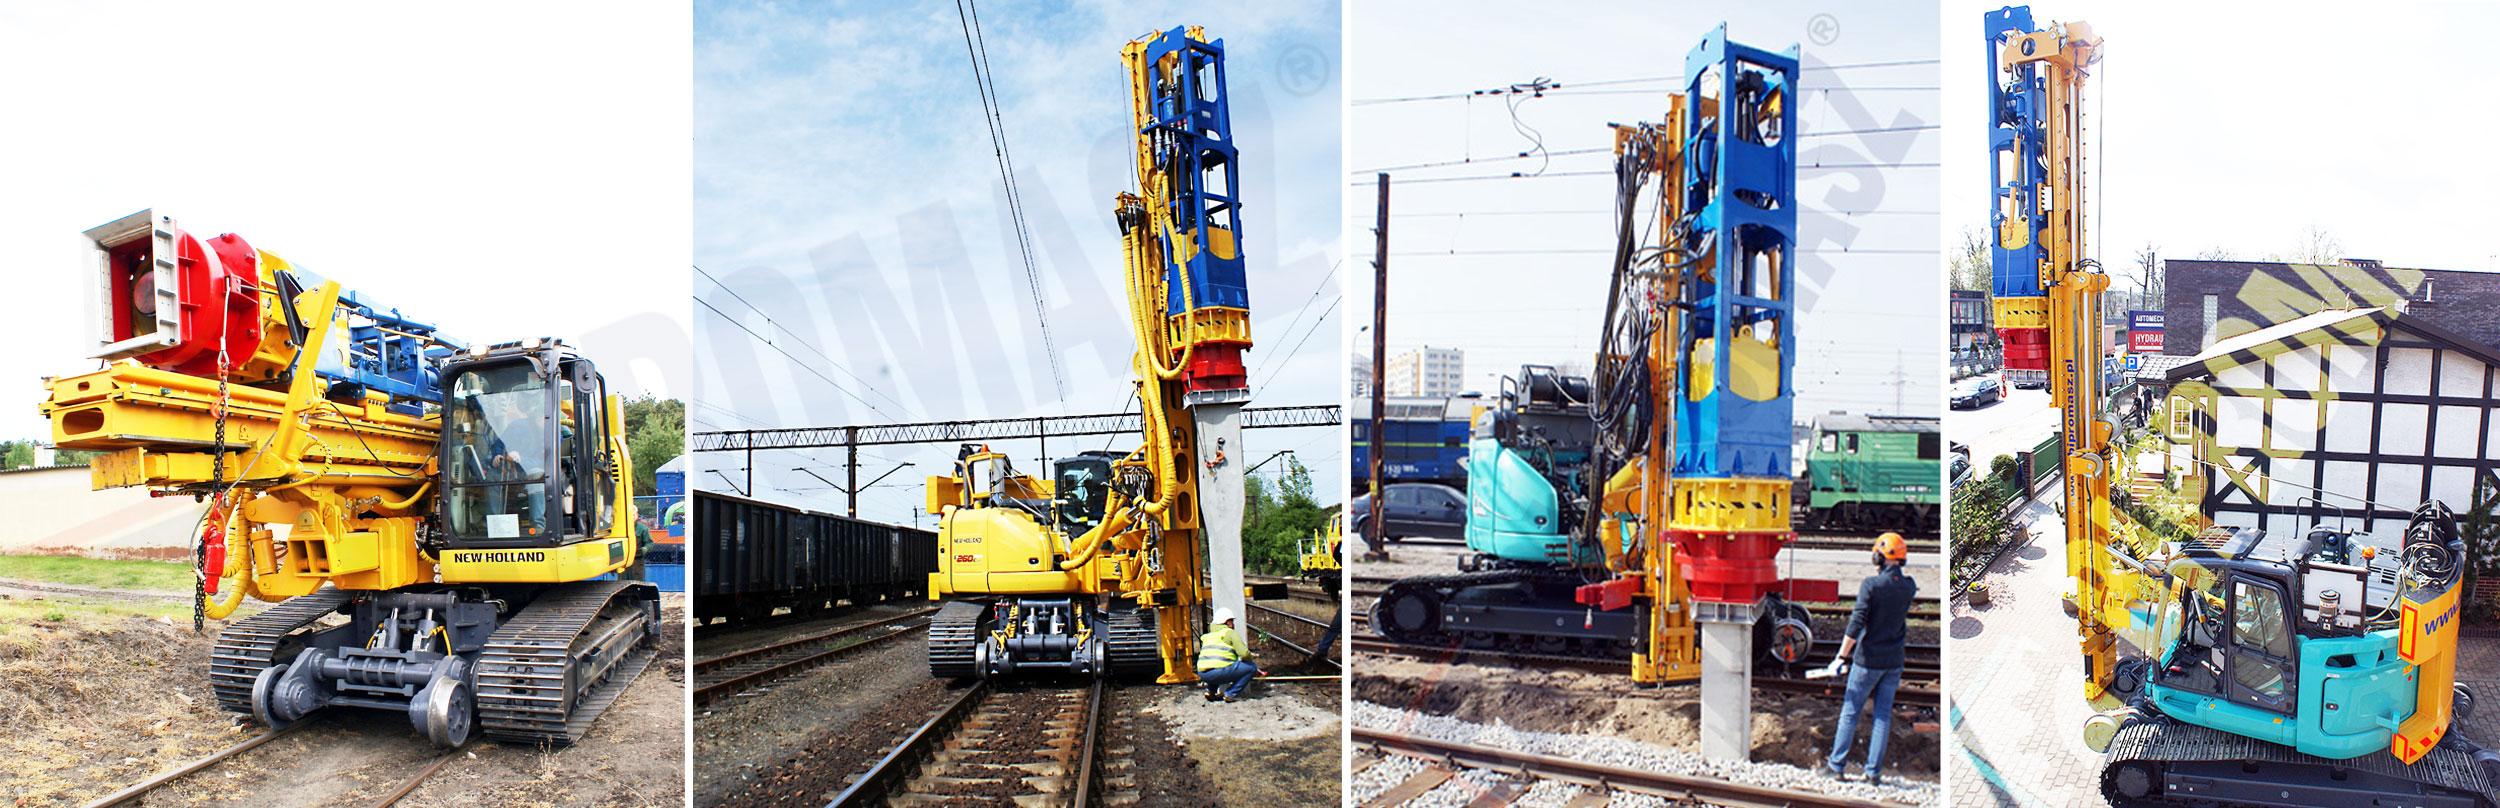 Kafar kolejowy PD-2500 produkcji firmy Bipromasz